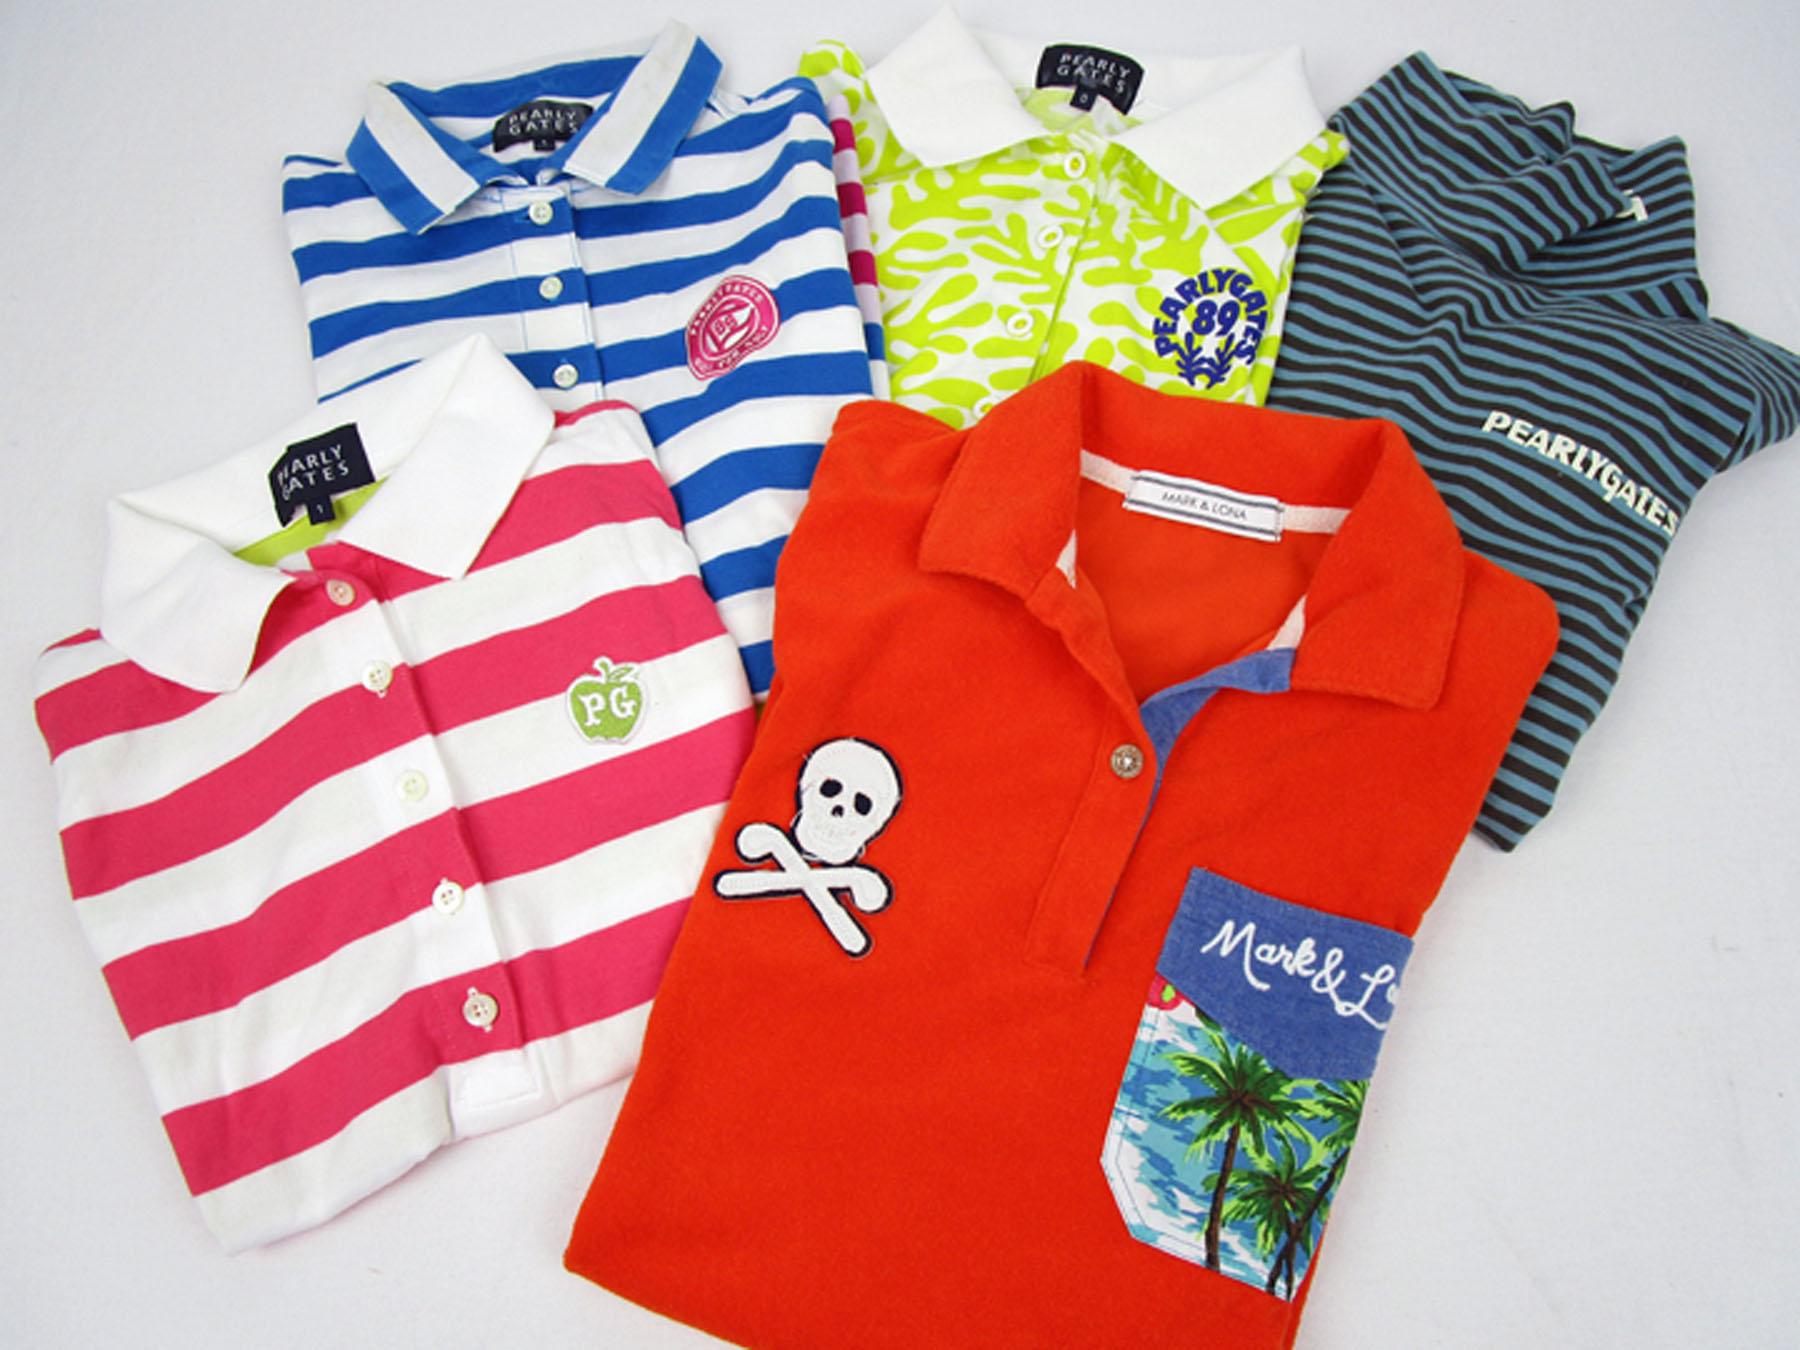 パーリーゲイツとマーク&ロナのポロシャツ。ゴルフウェア買取品